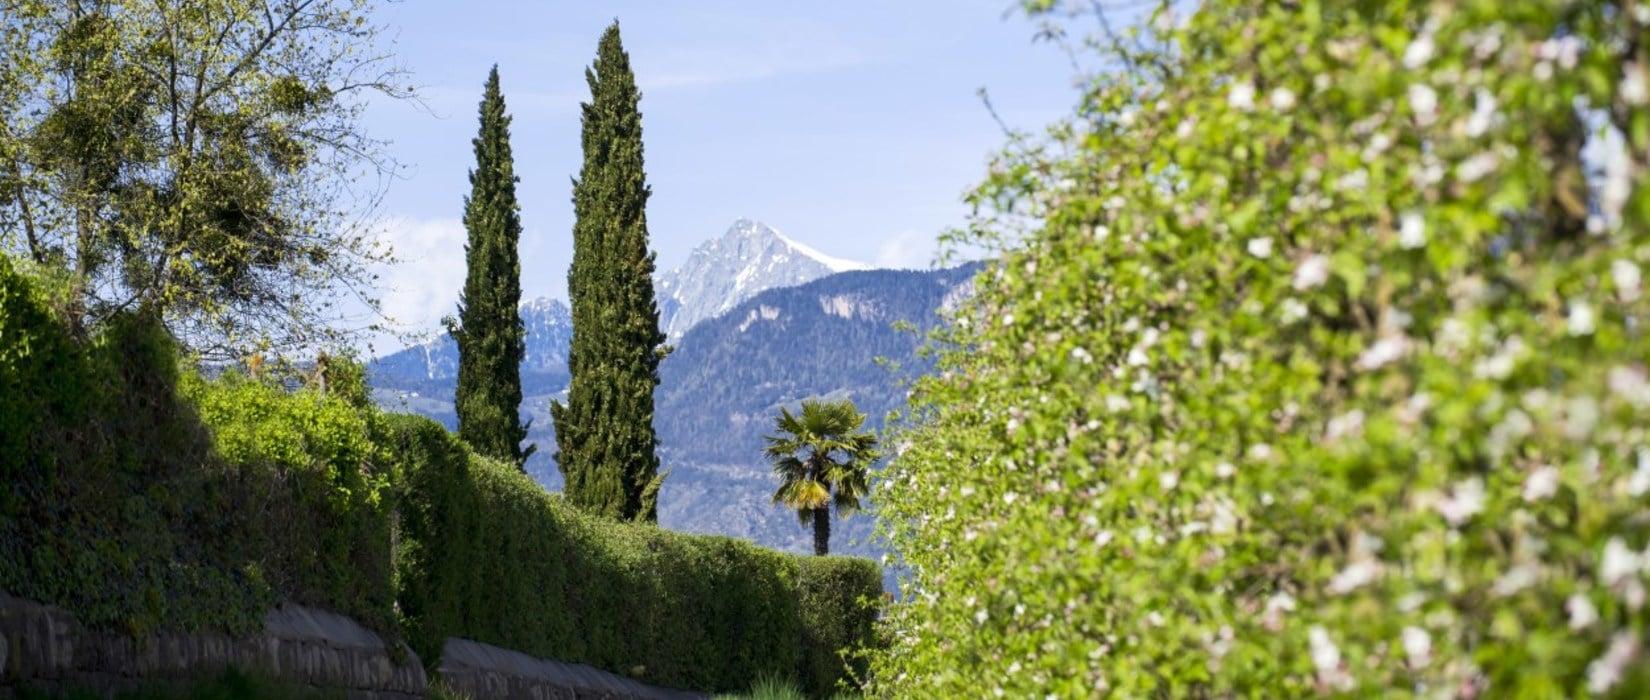 Risveglio della primavera in Alto Adige